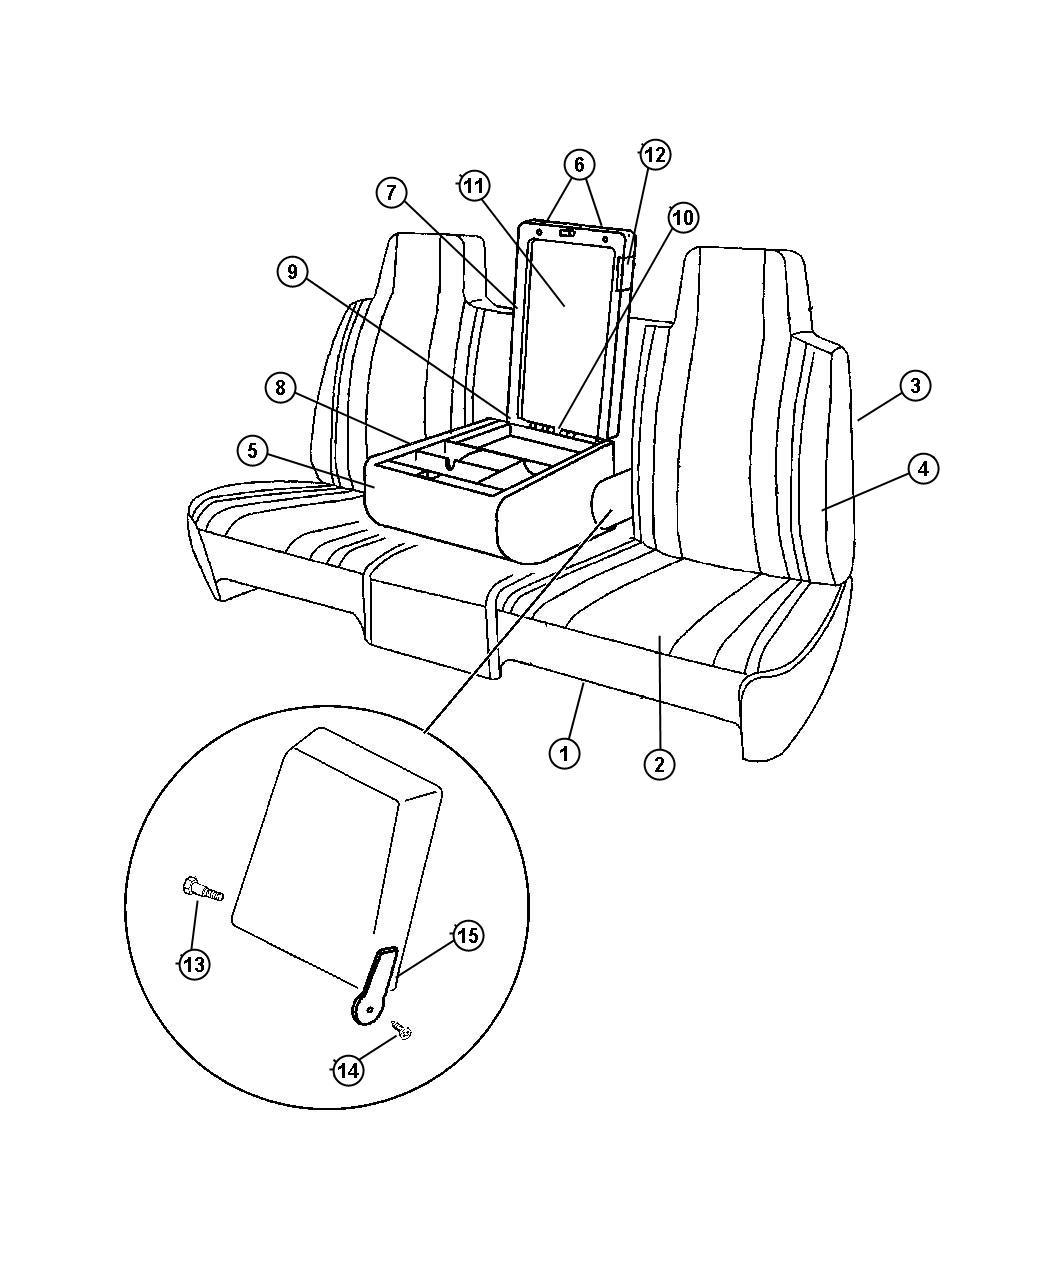 Dodge Ram Base Armrest Az Az Up To 5 10 00 Agate Az Trim Seat